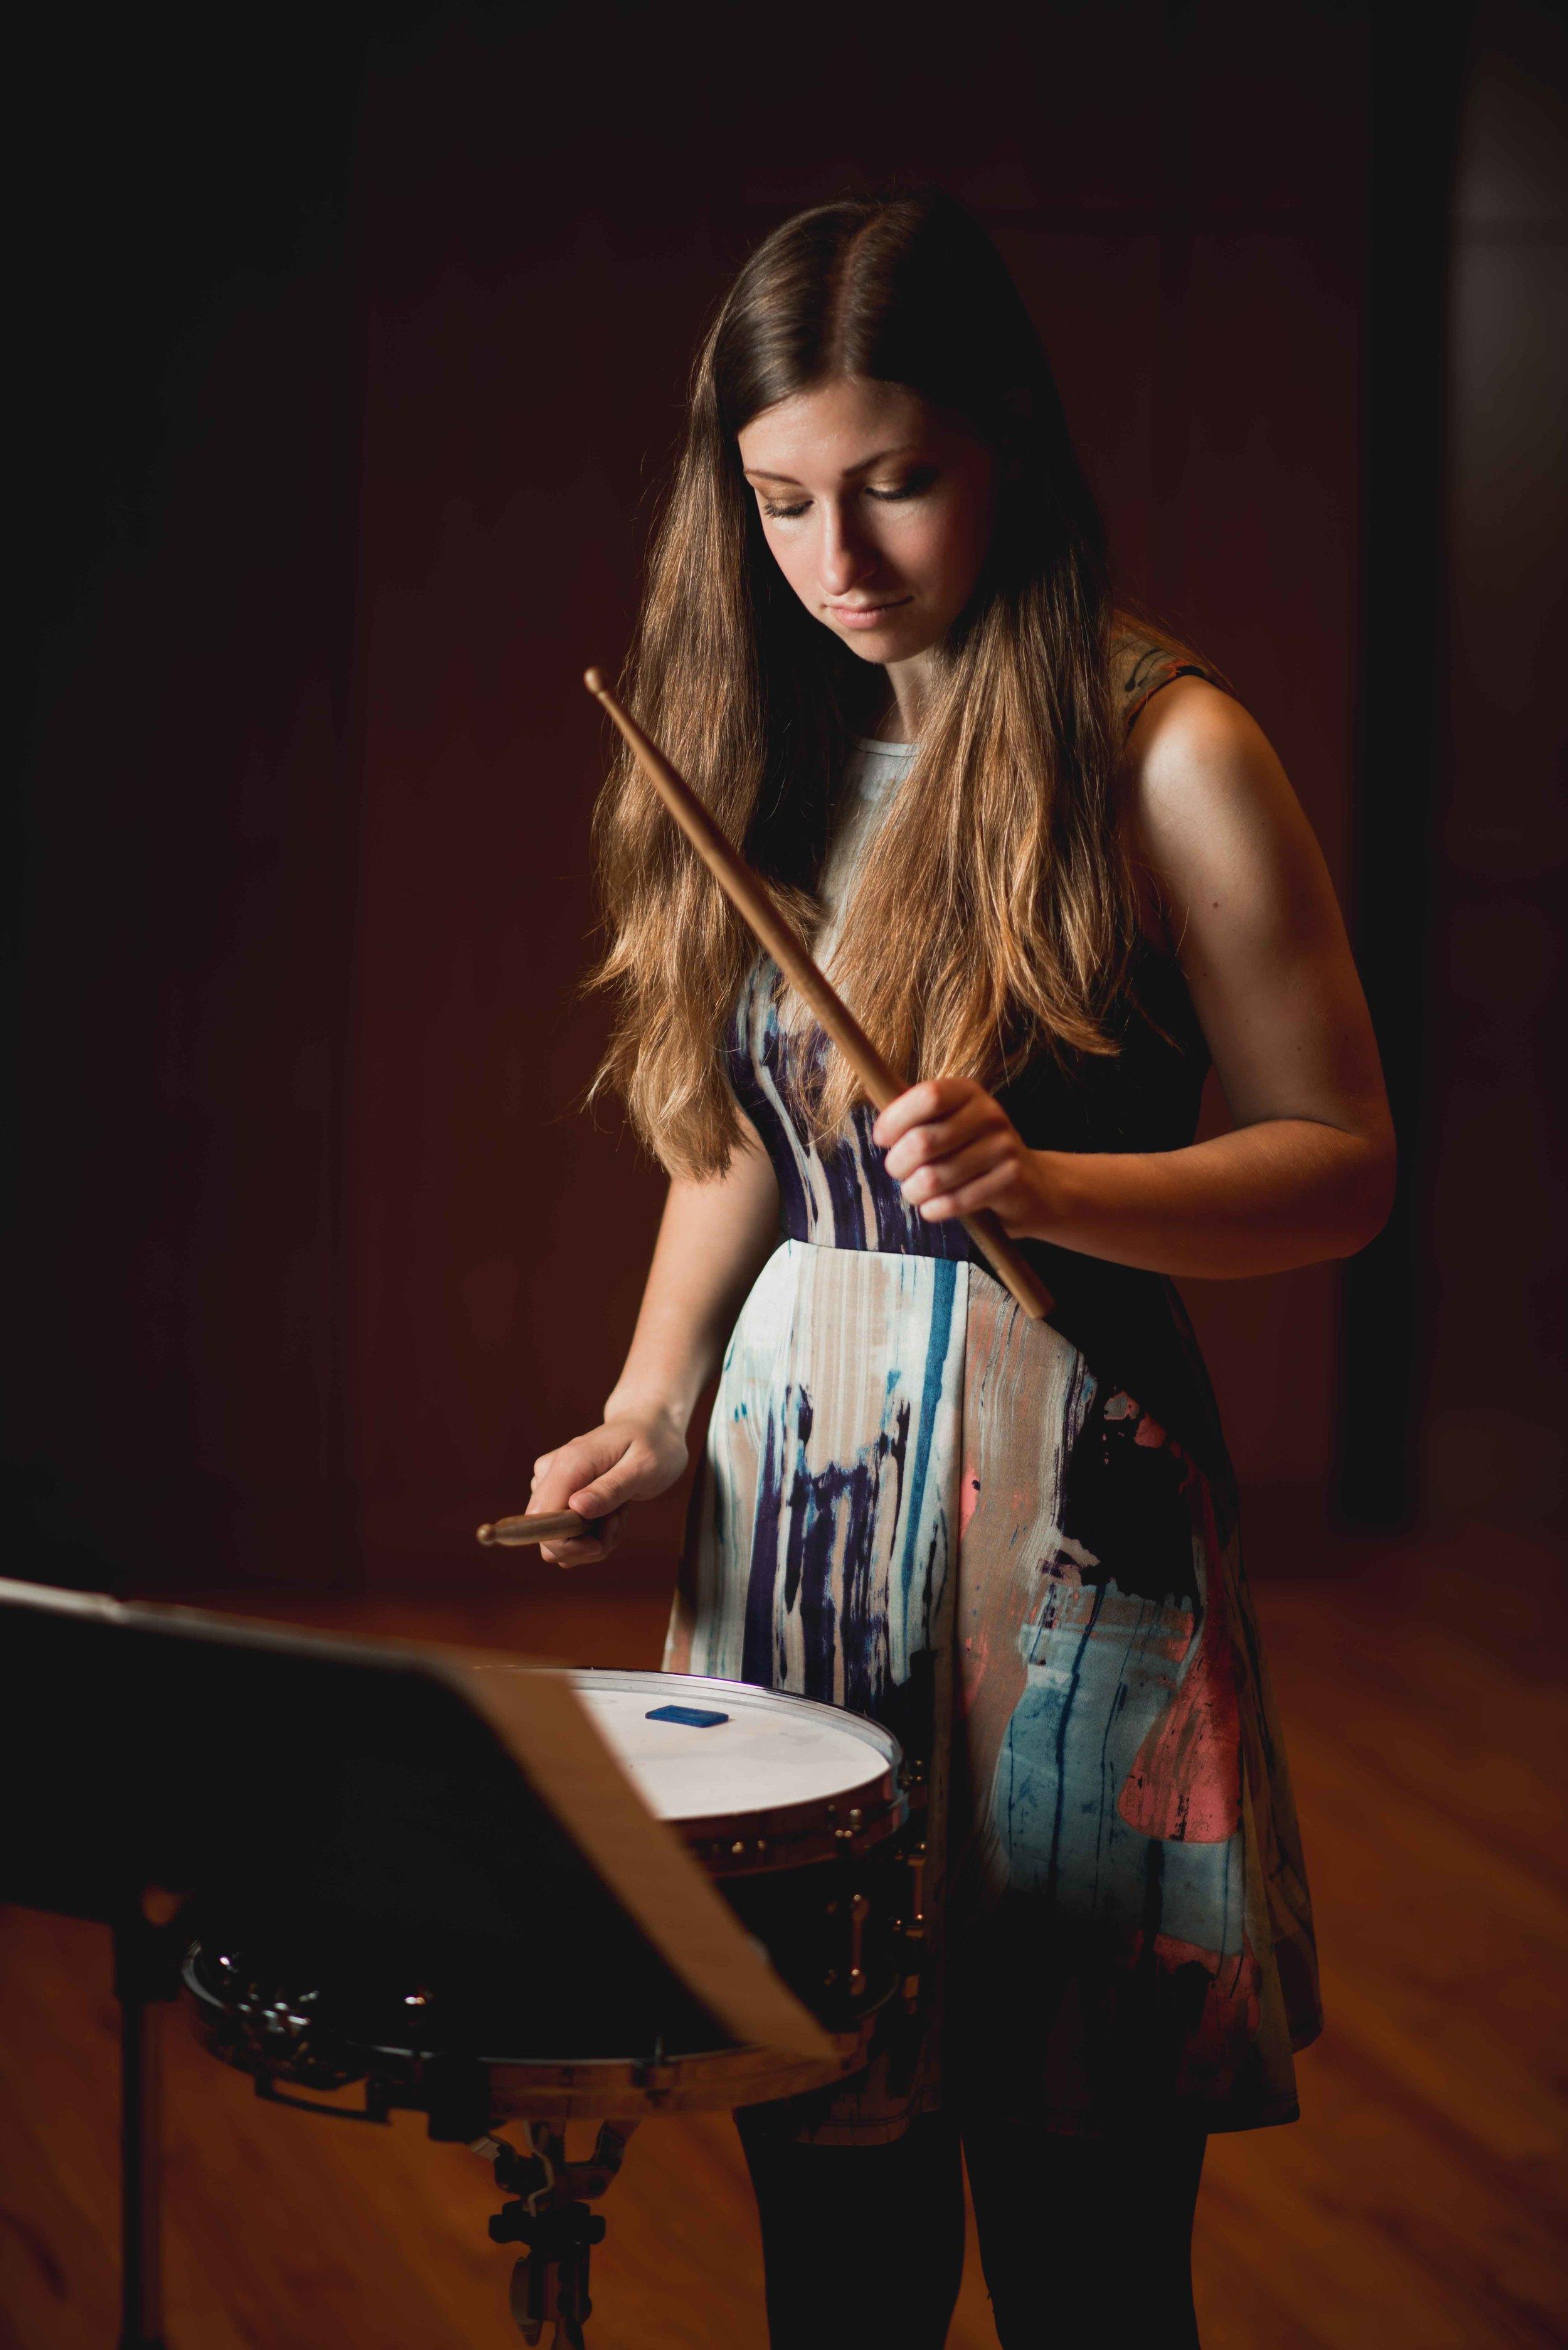 UNT Graduation Photos - Raychel - Denton - Snare